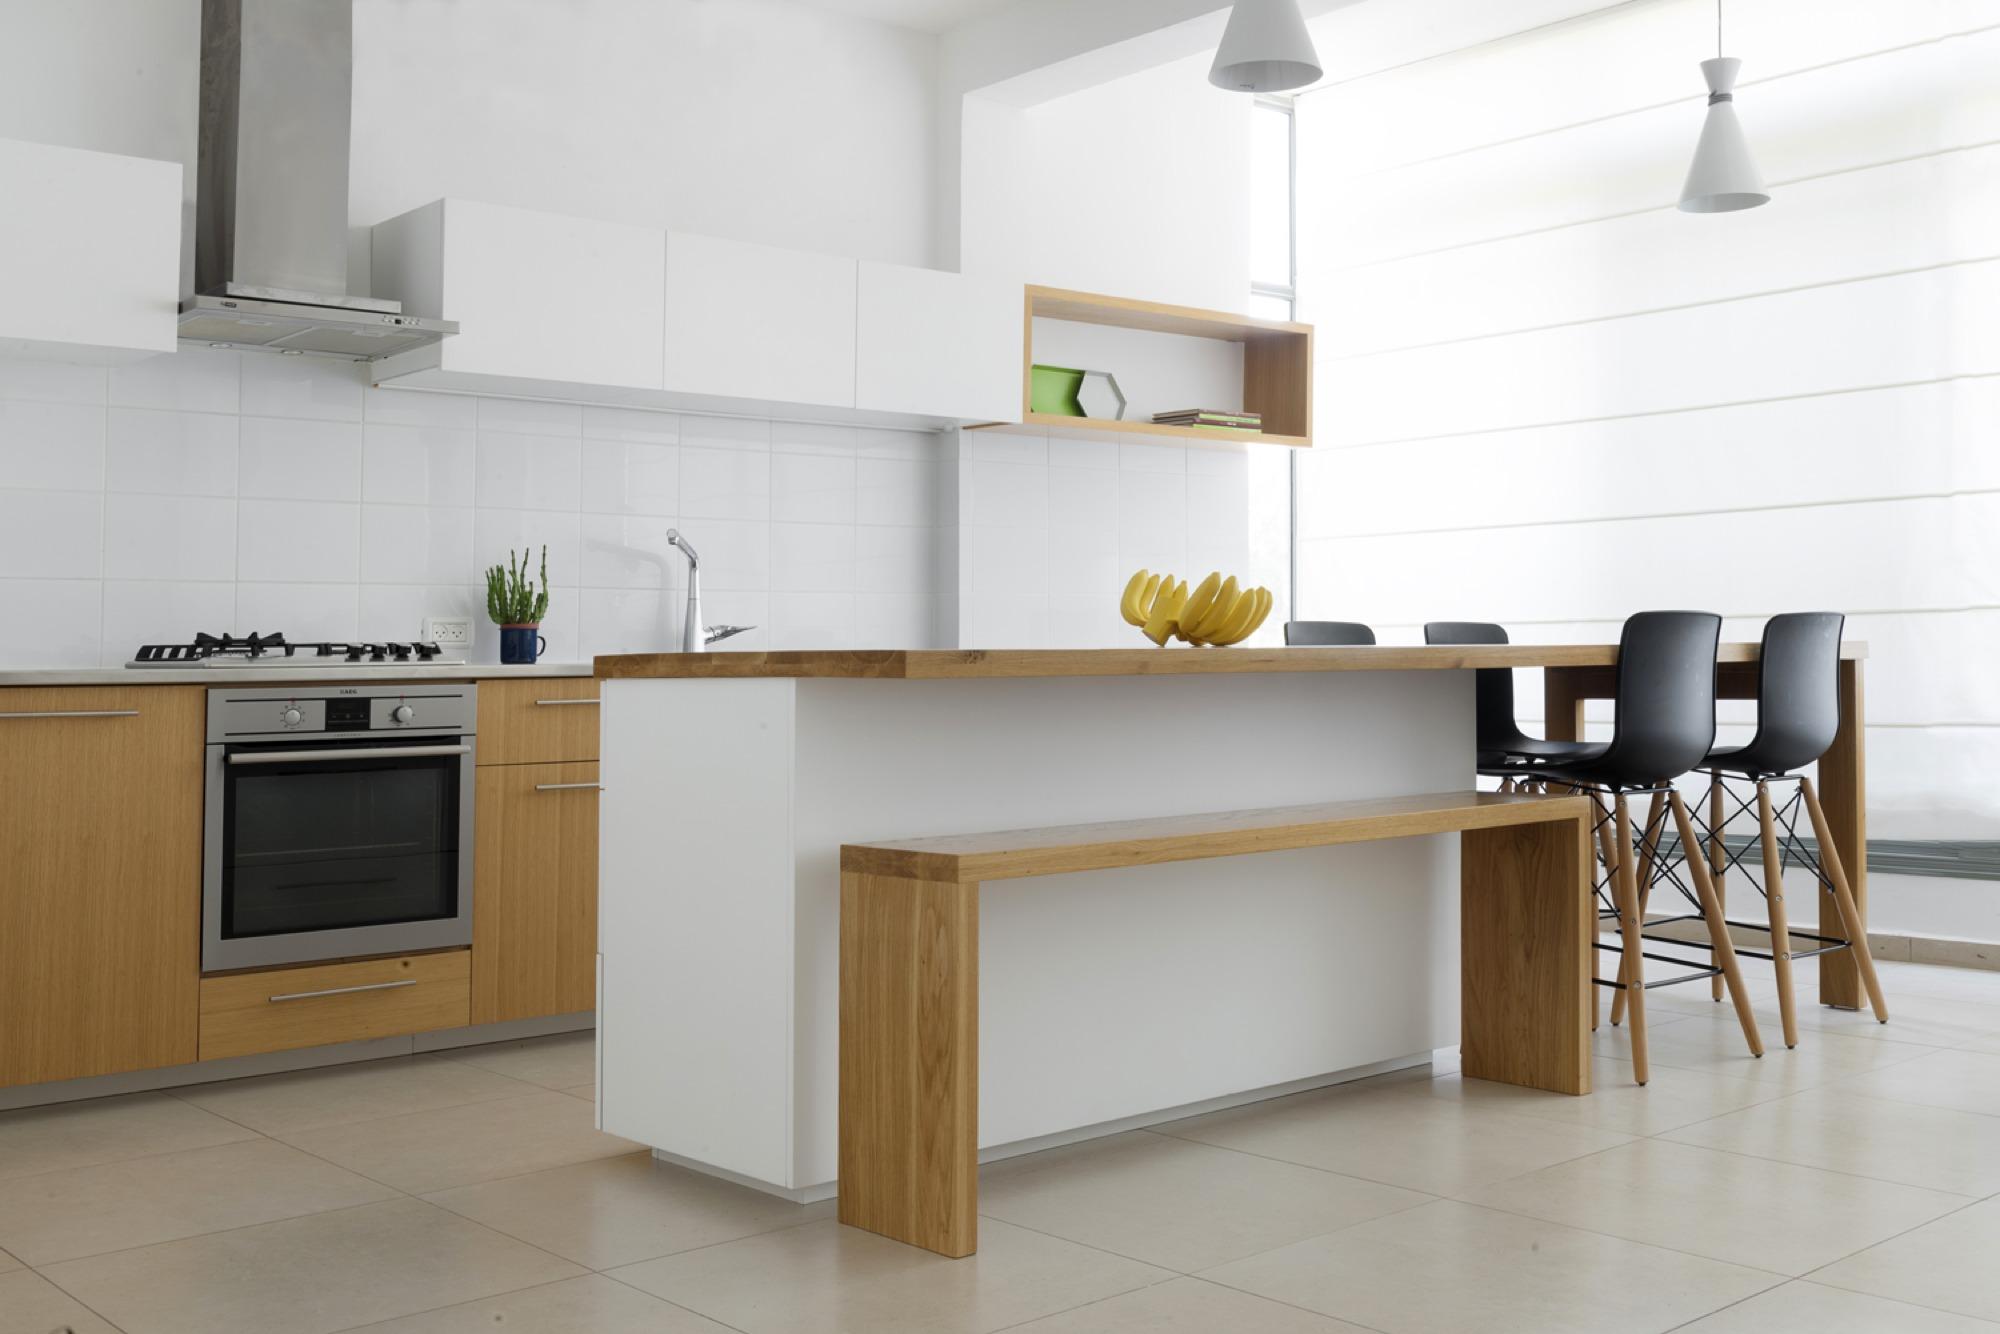 Galer a de departamento en ramat gan itai palti 9 - Cocinas modernas de 9 metros cuadrados ...